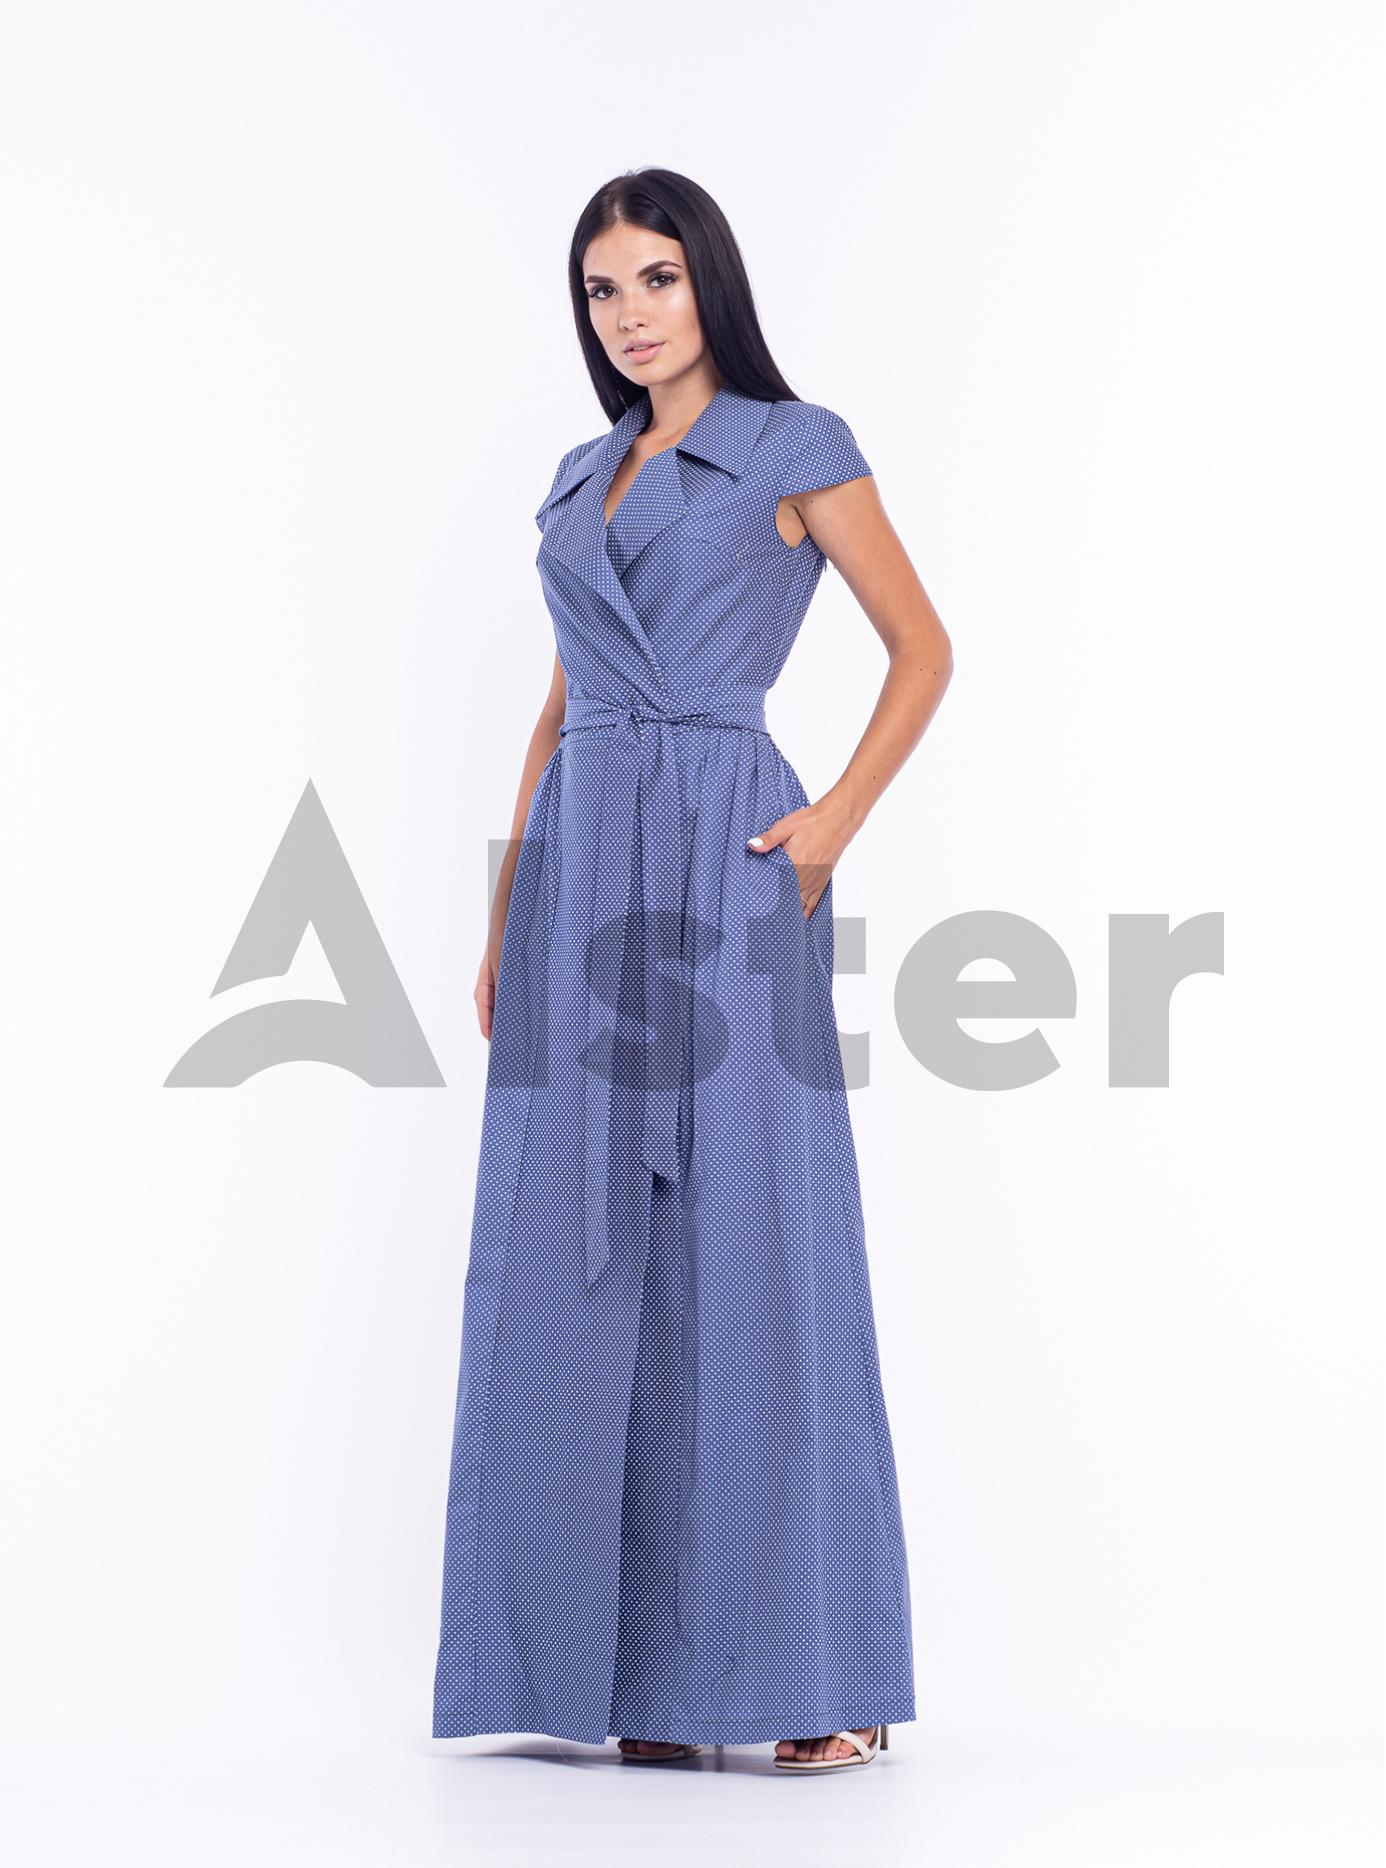 Платье длинное Джинс 44 (04-8987985): фото - Alster.ua